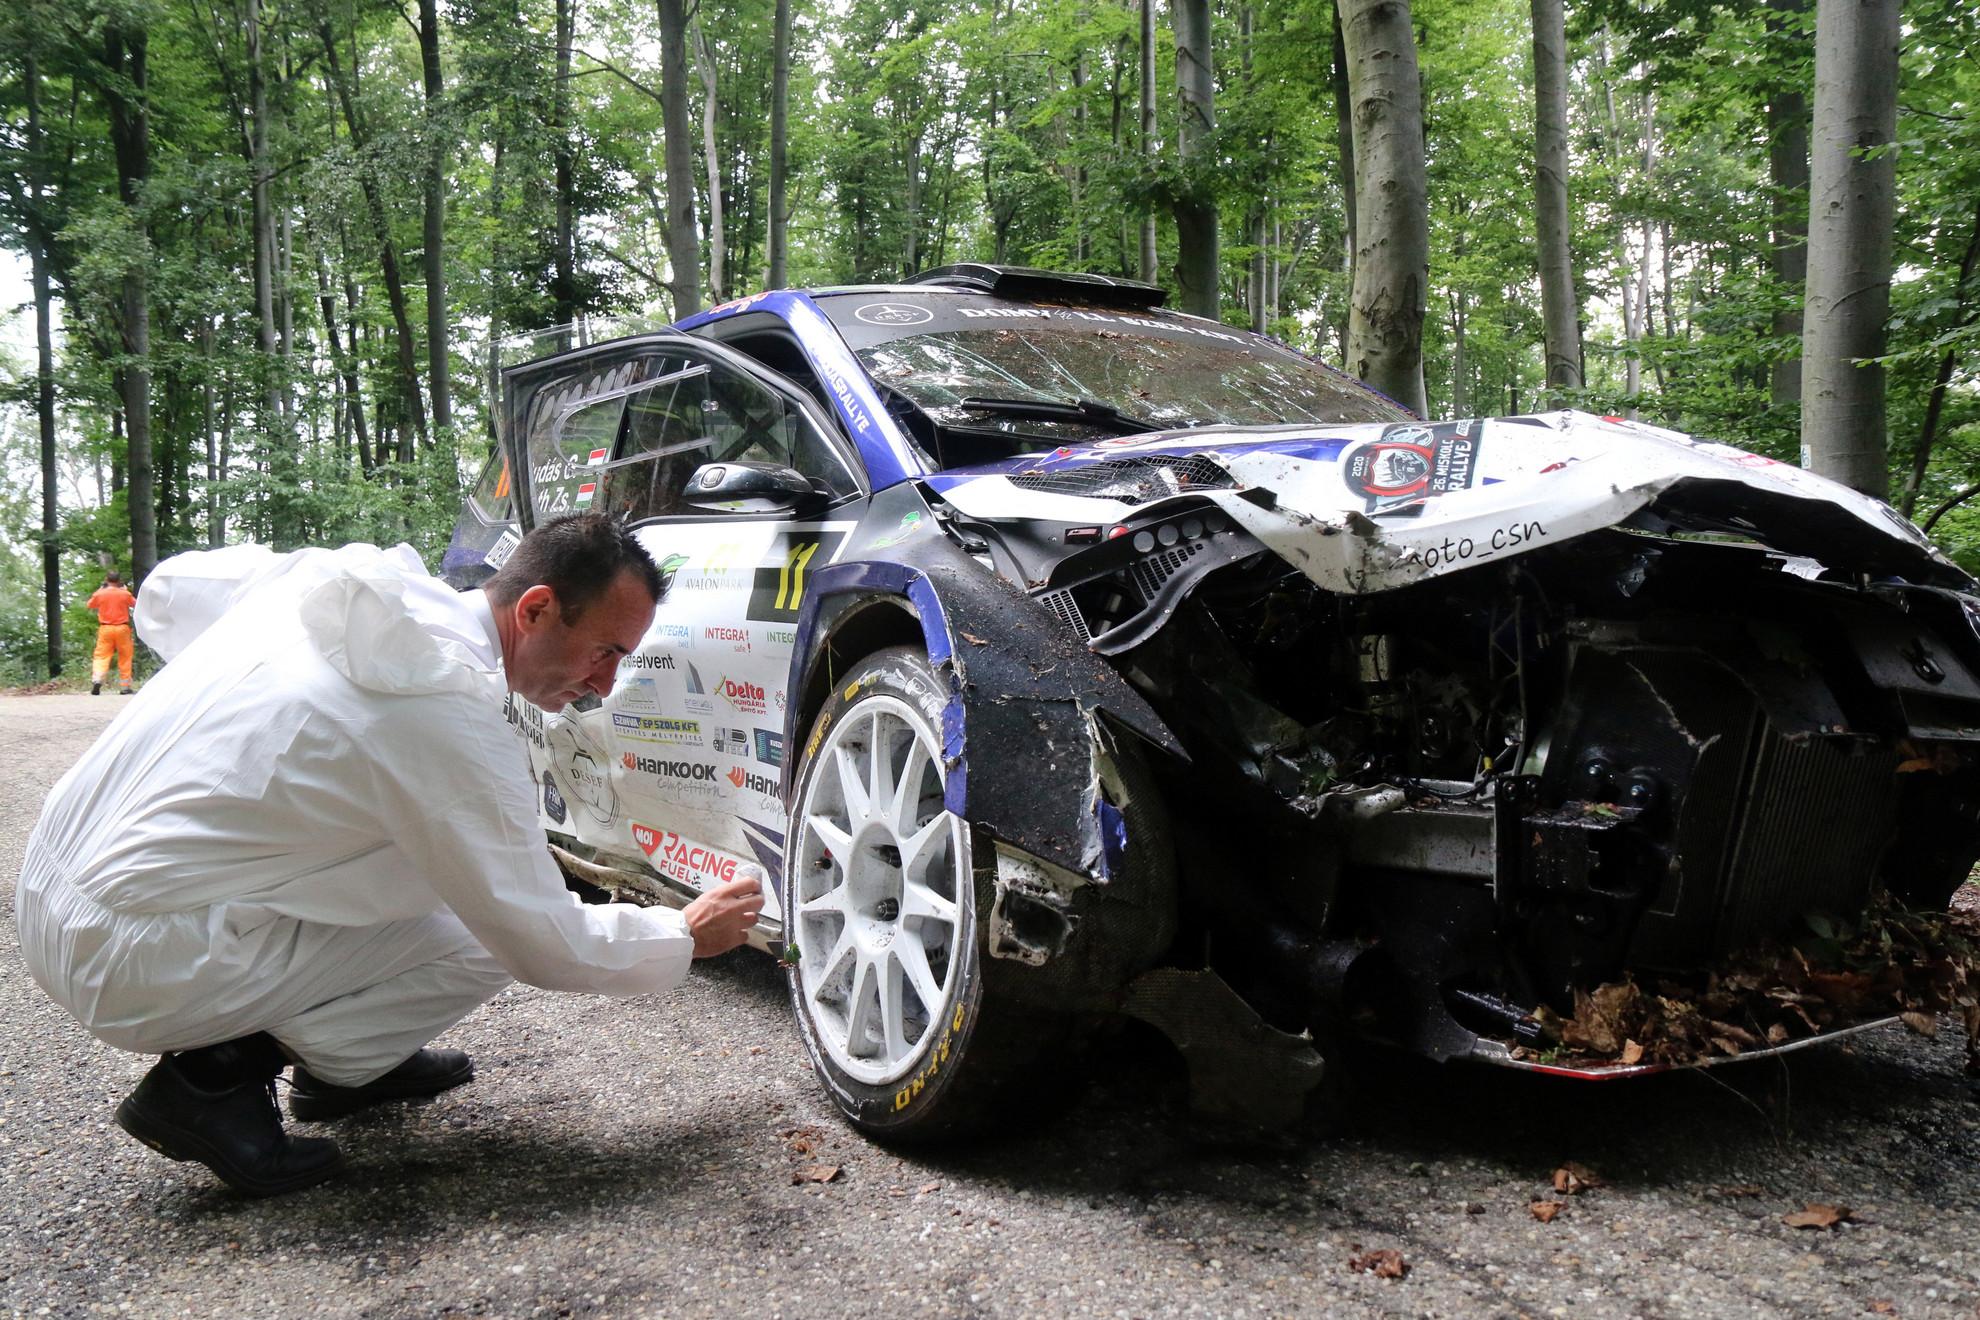 Rendőr helyszínel annak a balesetnek a helyszínén, amely a Miskolc Rally Bánkút-Mályinka közötti gyorsasági szaszán történt 2020. augusztus 15-én